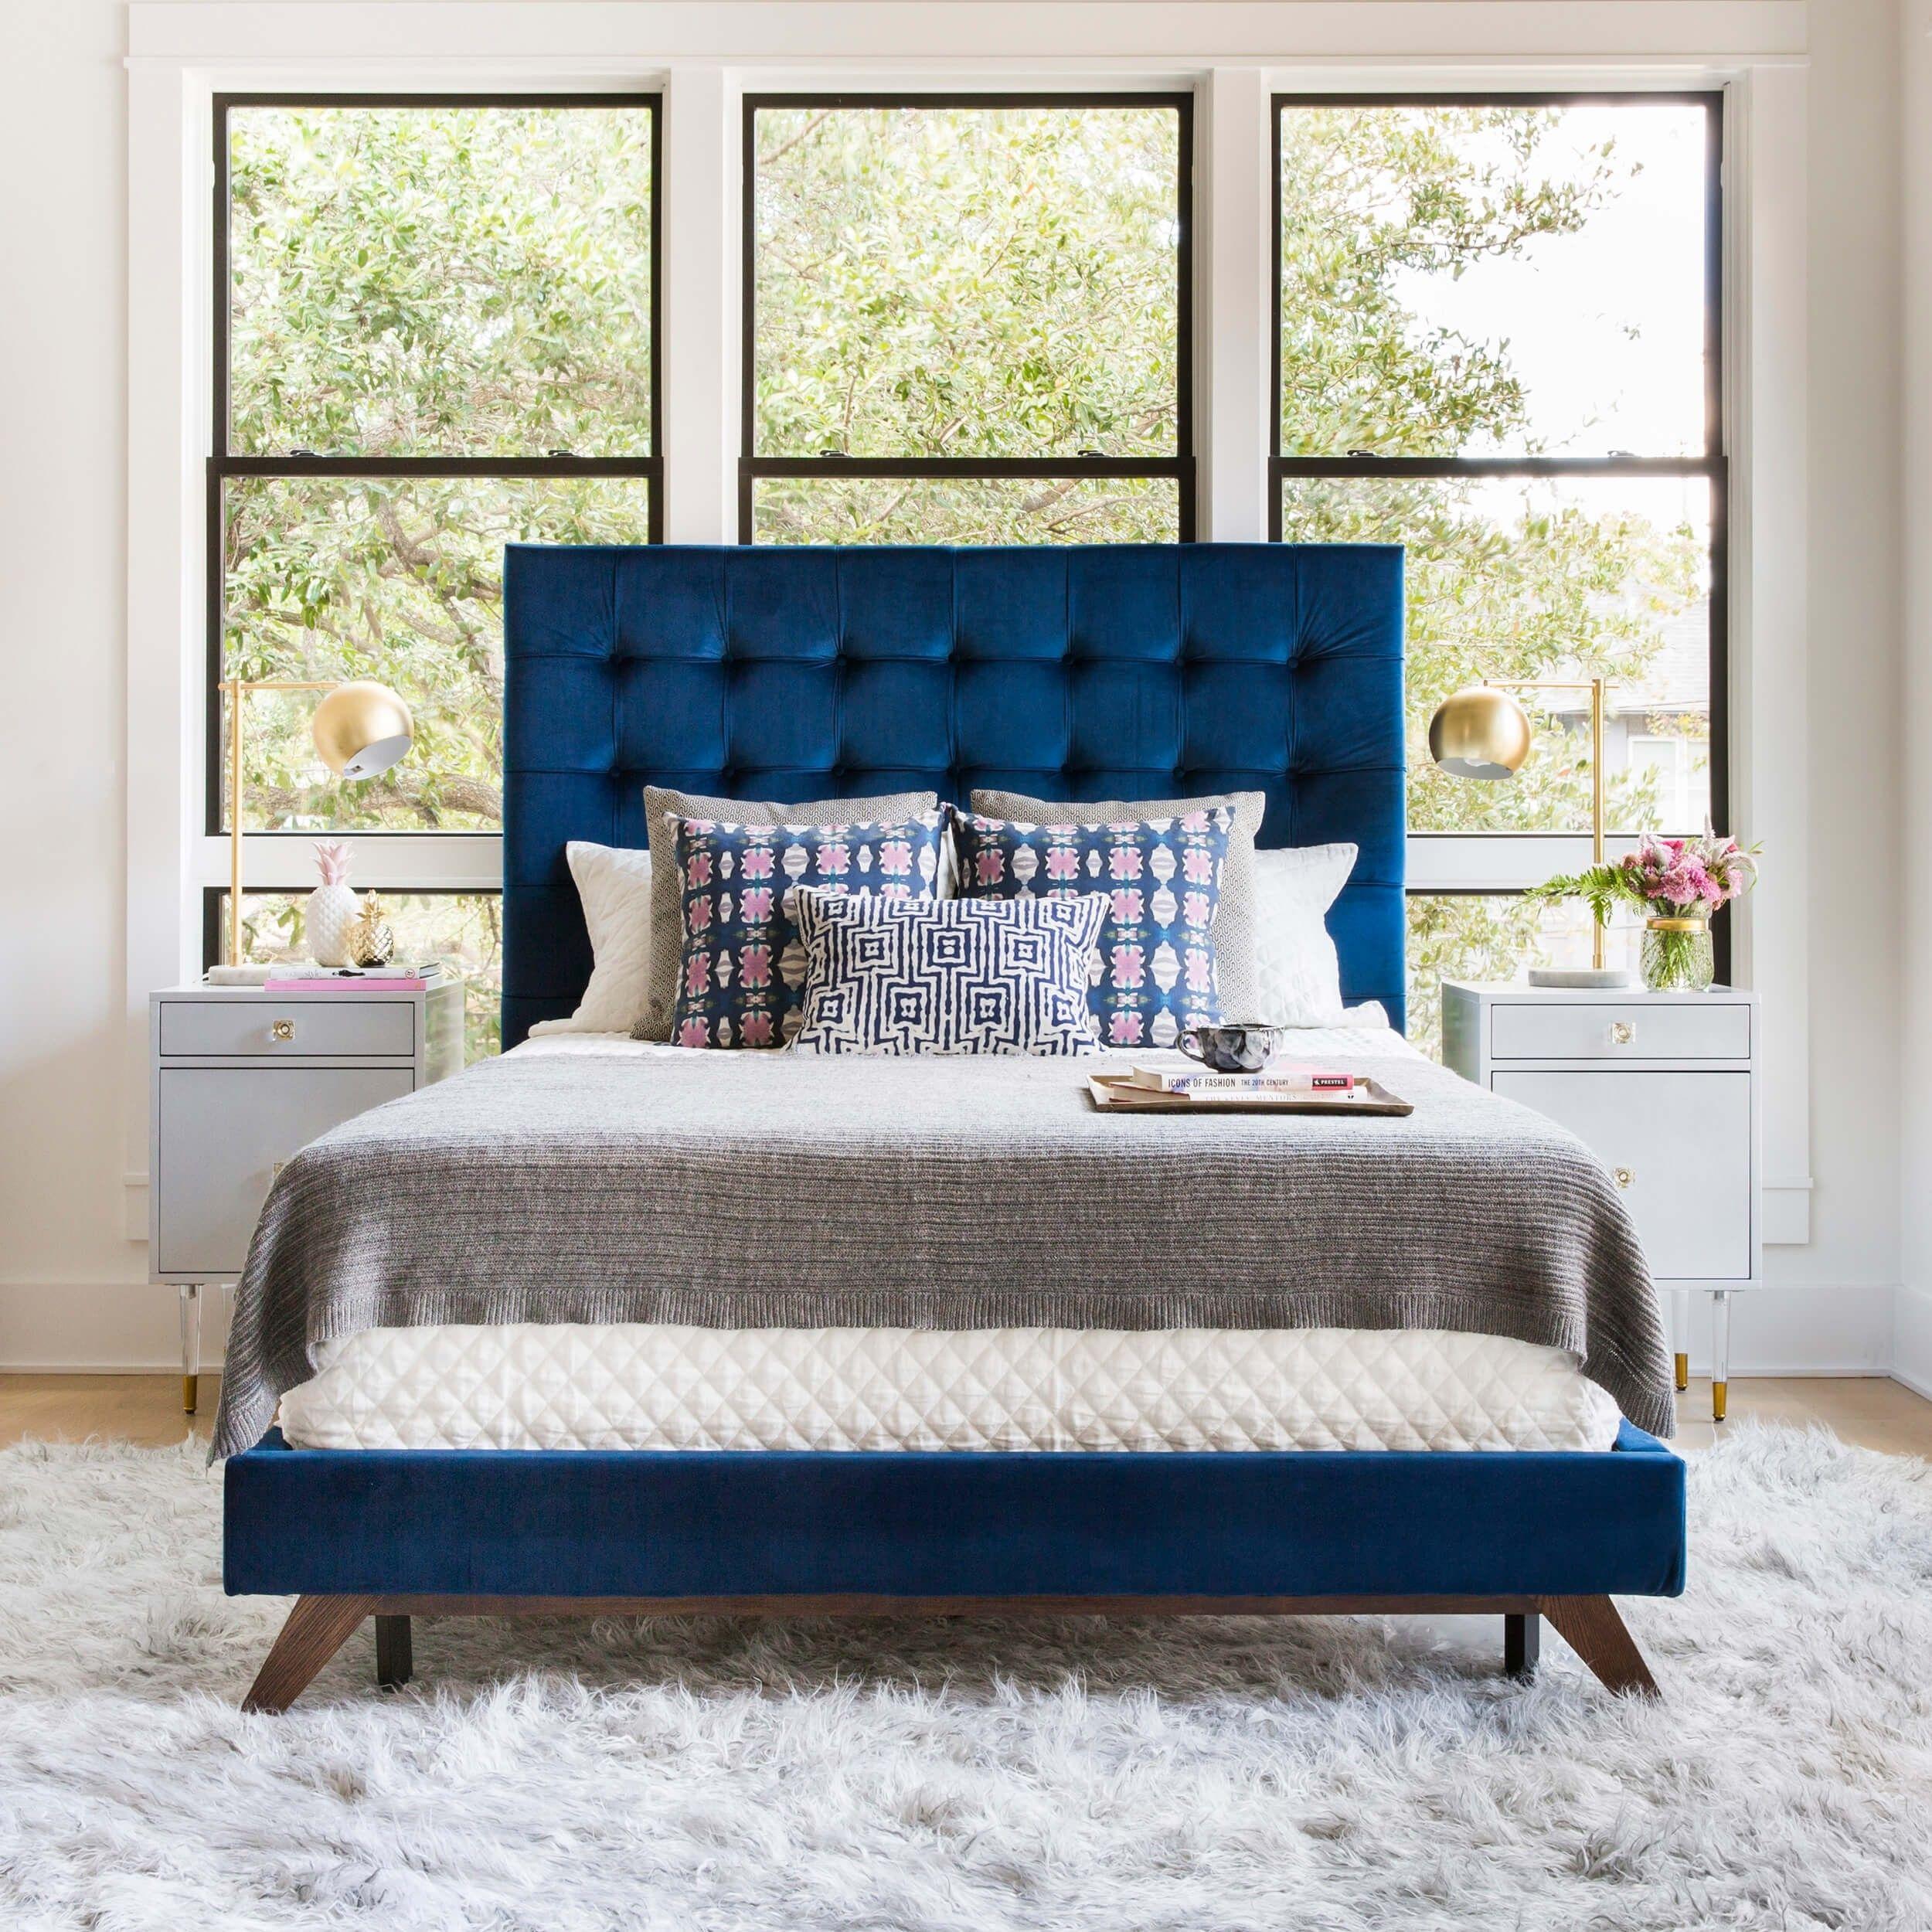 Eden Bed Navy Reves Bleus Bedroom Room Ideas Luxury